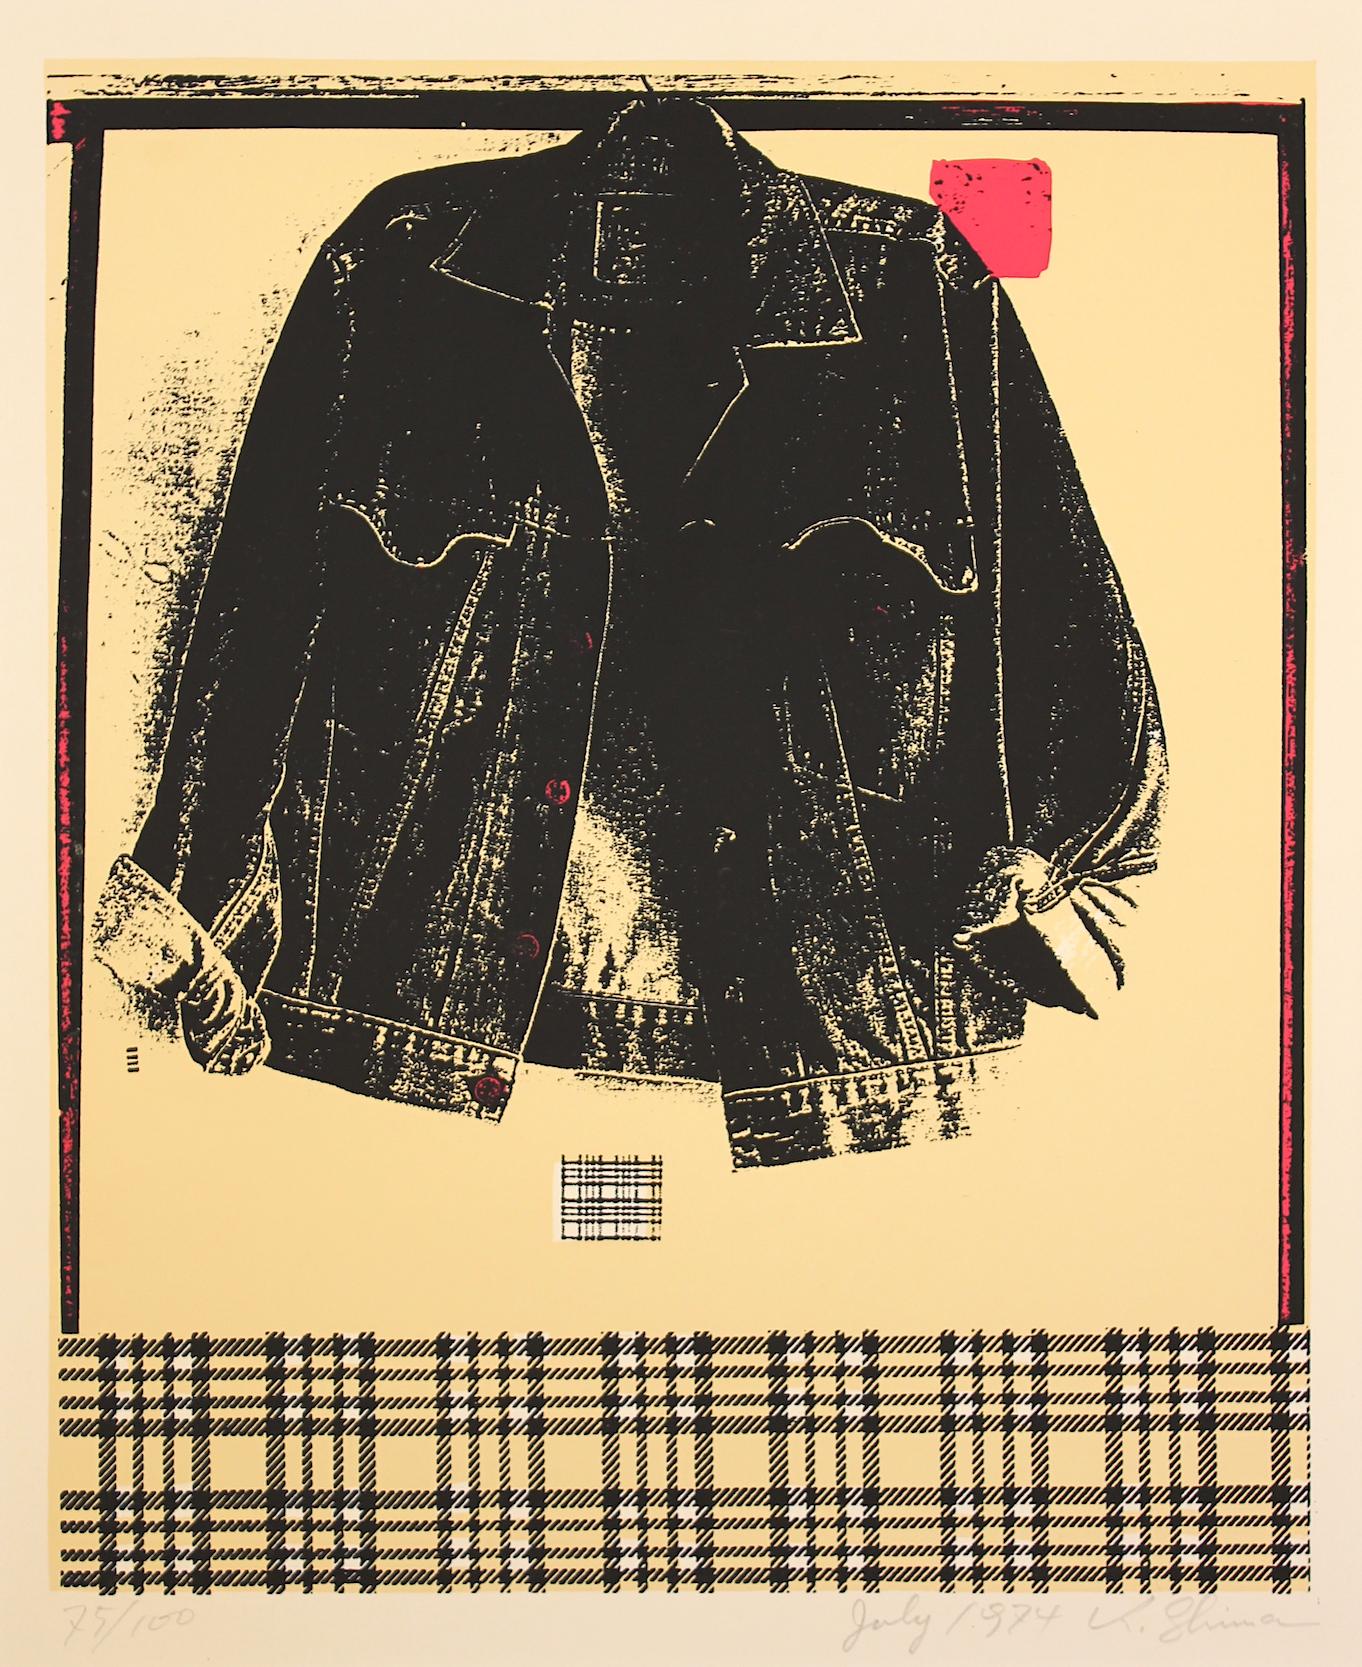 Shima Kunikazu / 島州一 ジャケット シルクスクリーン、紙 1974年